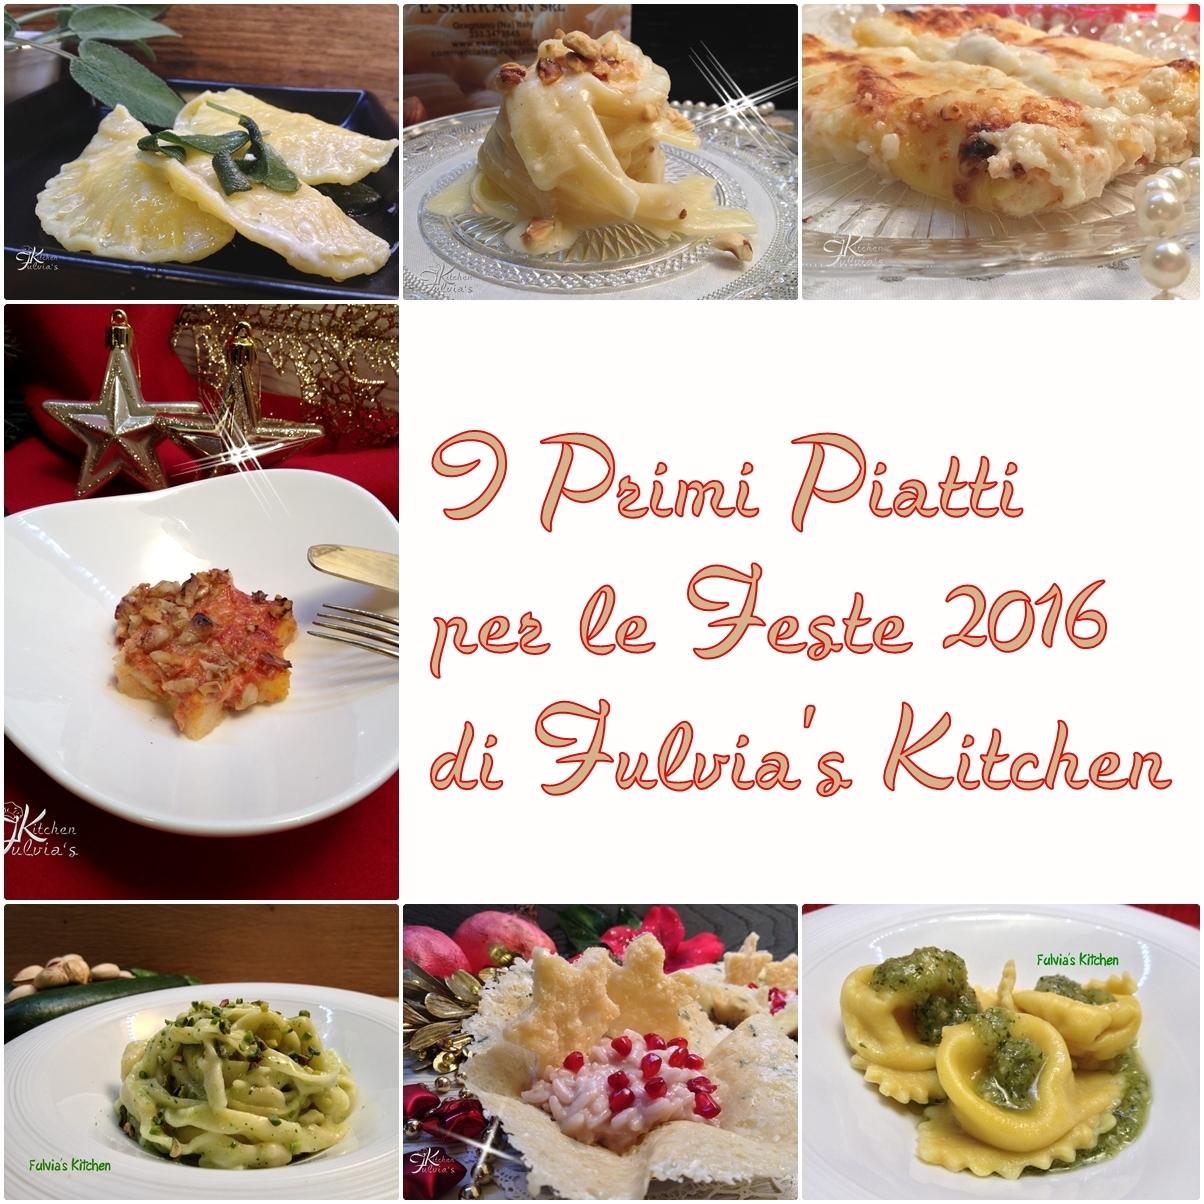 Primi piatti per le Feste 2016